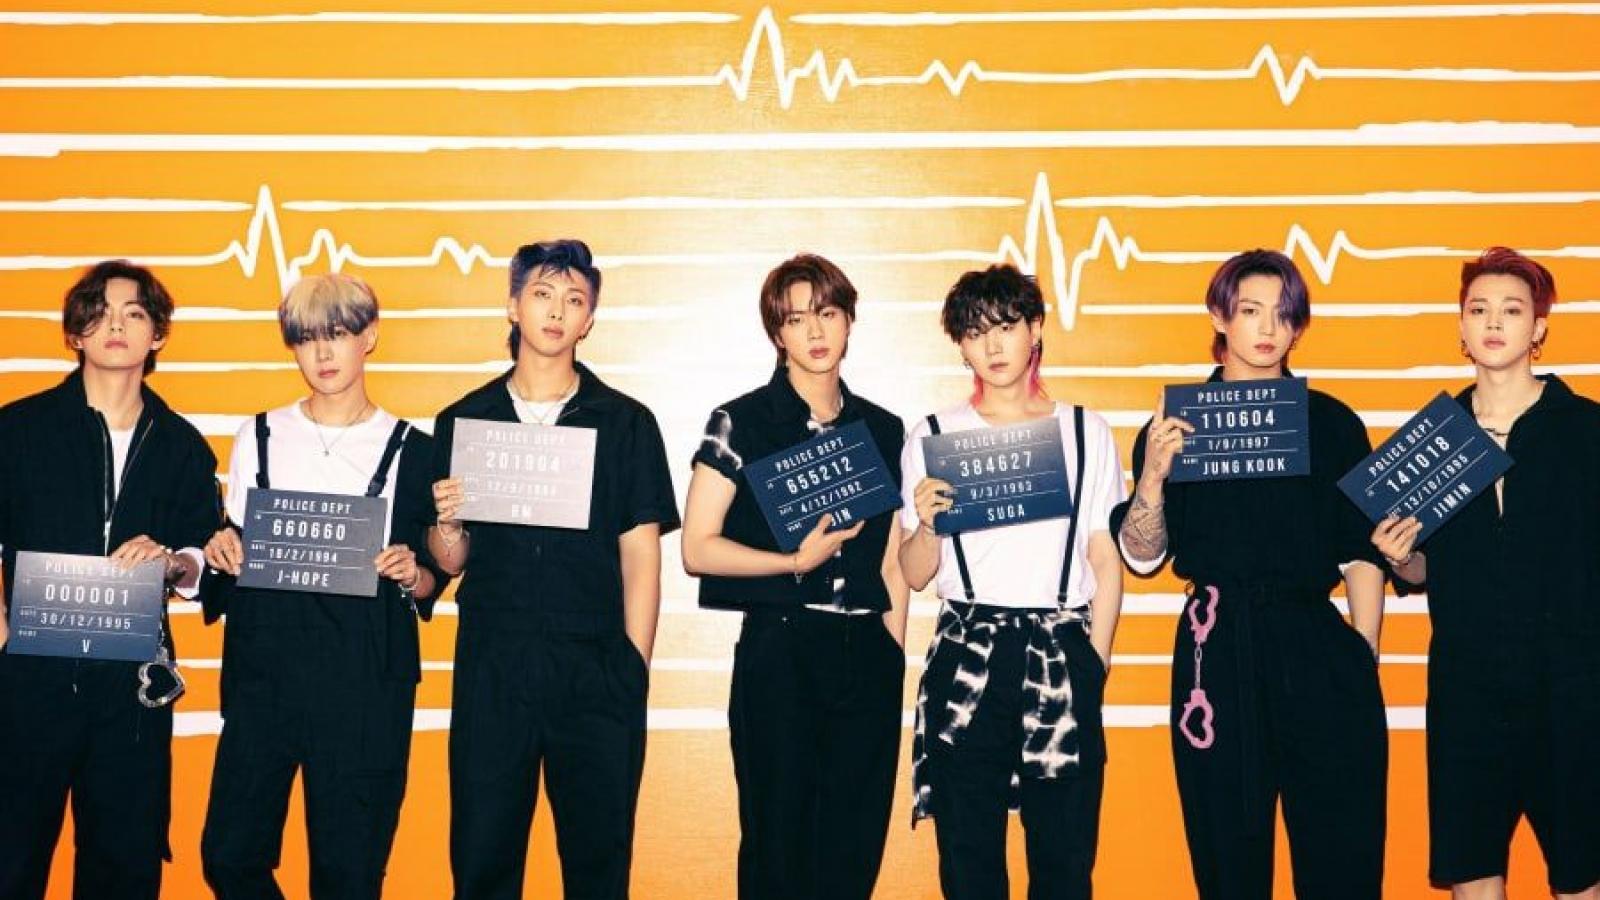 """MV """"Fake love"""" của BTS cán mốc 1 tỷ lượt xem, """"Butter"""" lội ngược dòng chiếm lĩnh Billboard"""